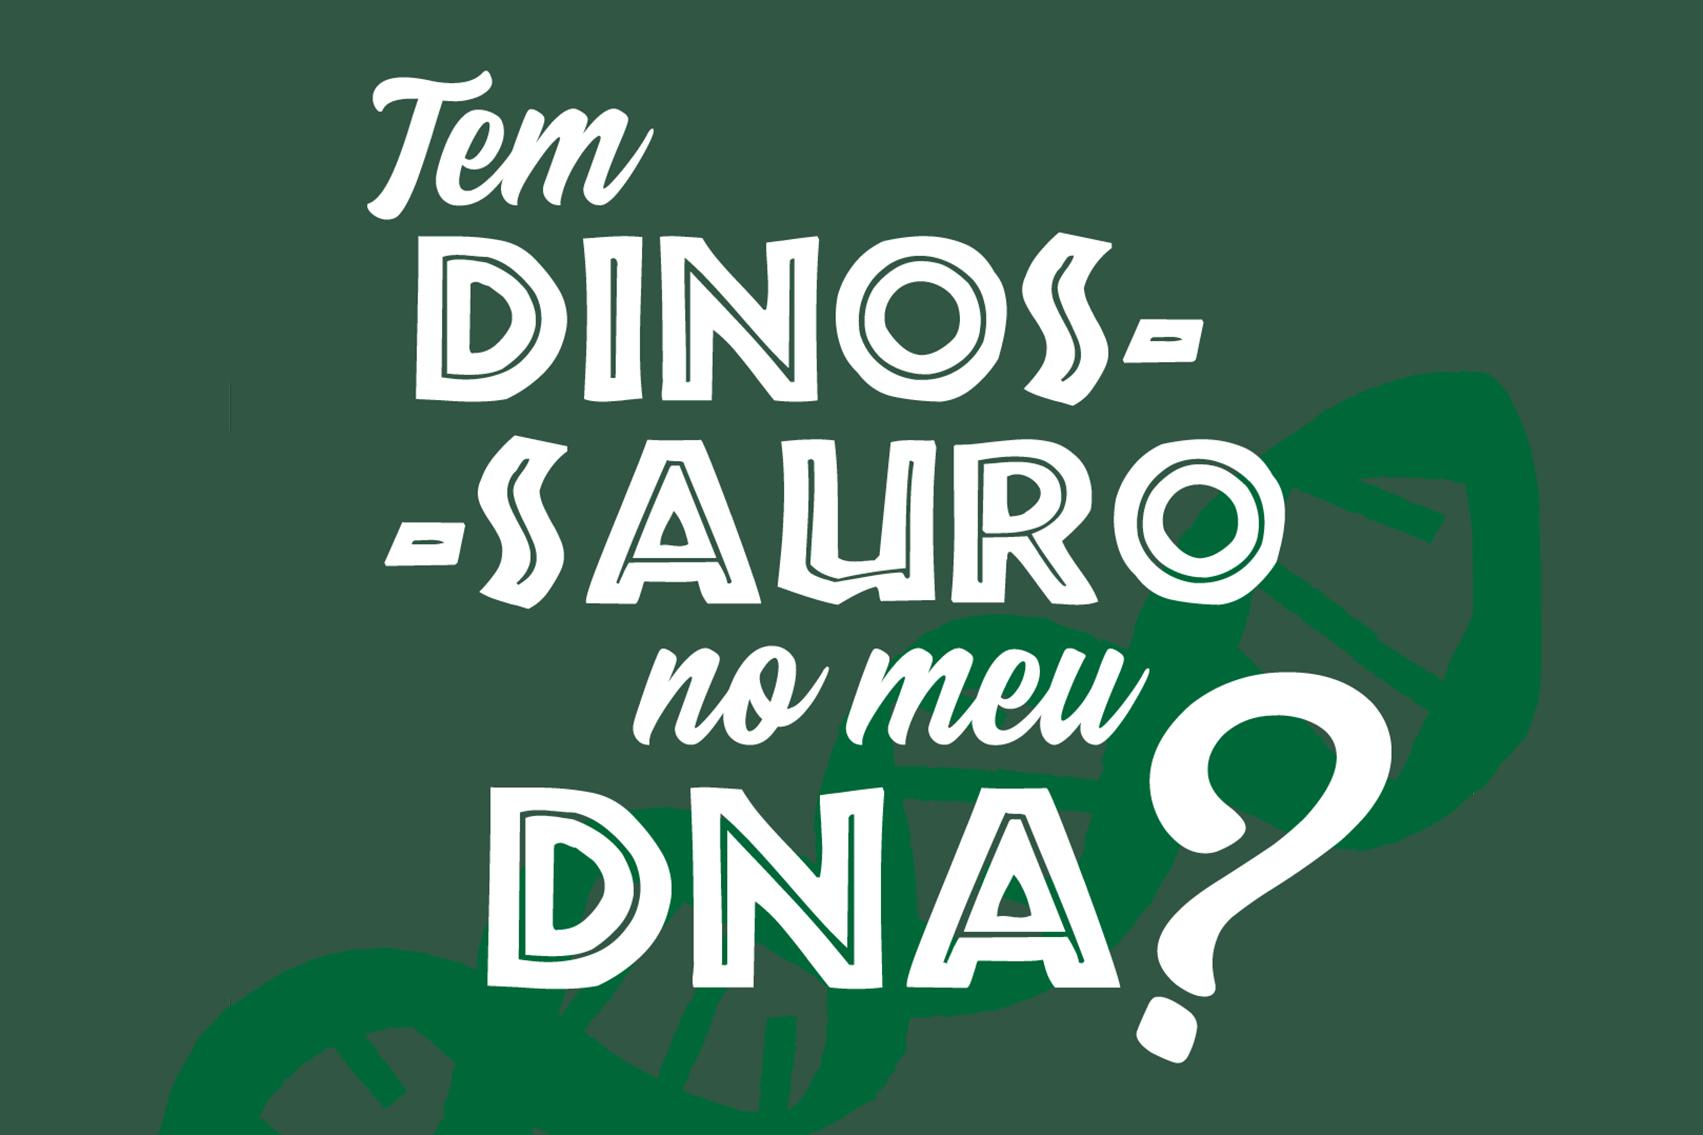 Pergunta: tem dinossauro no meu DNA?